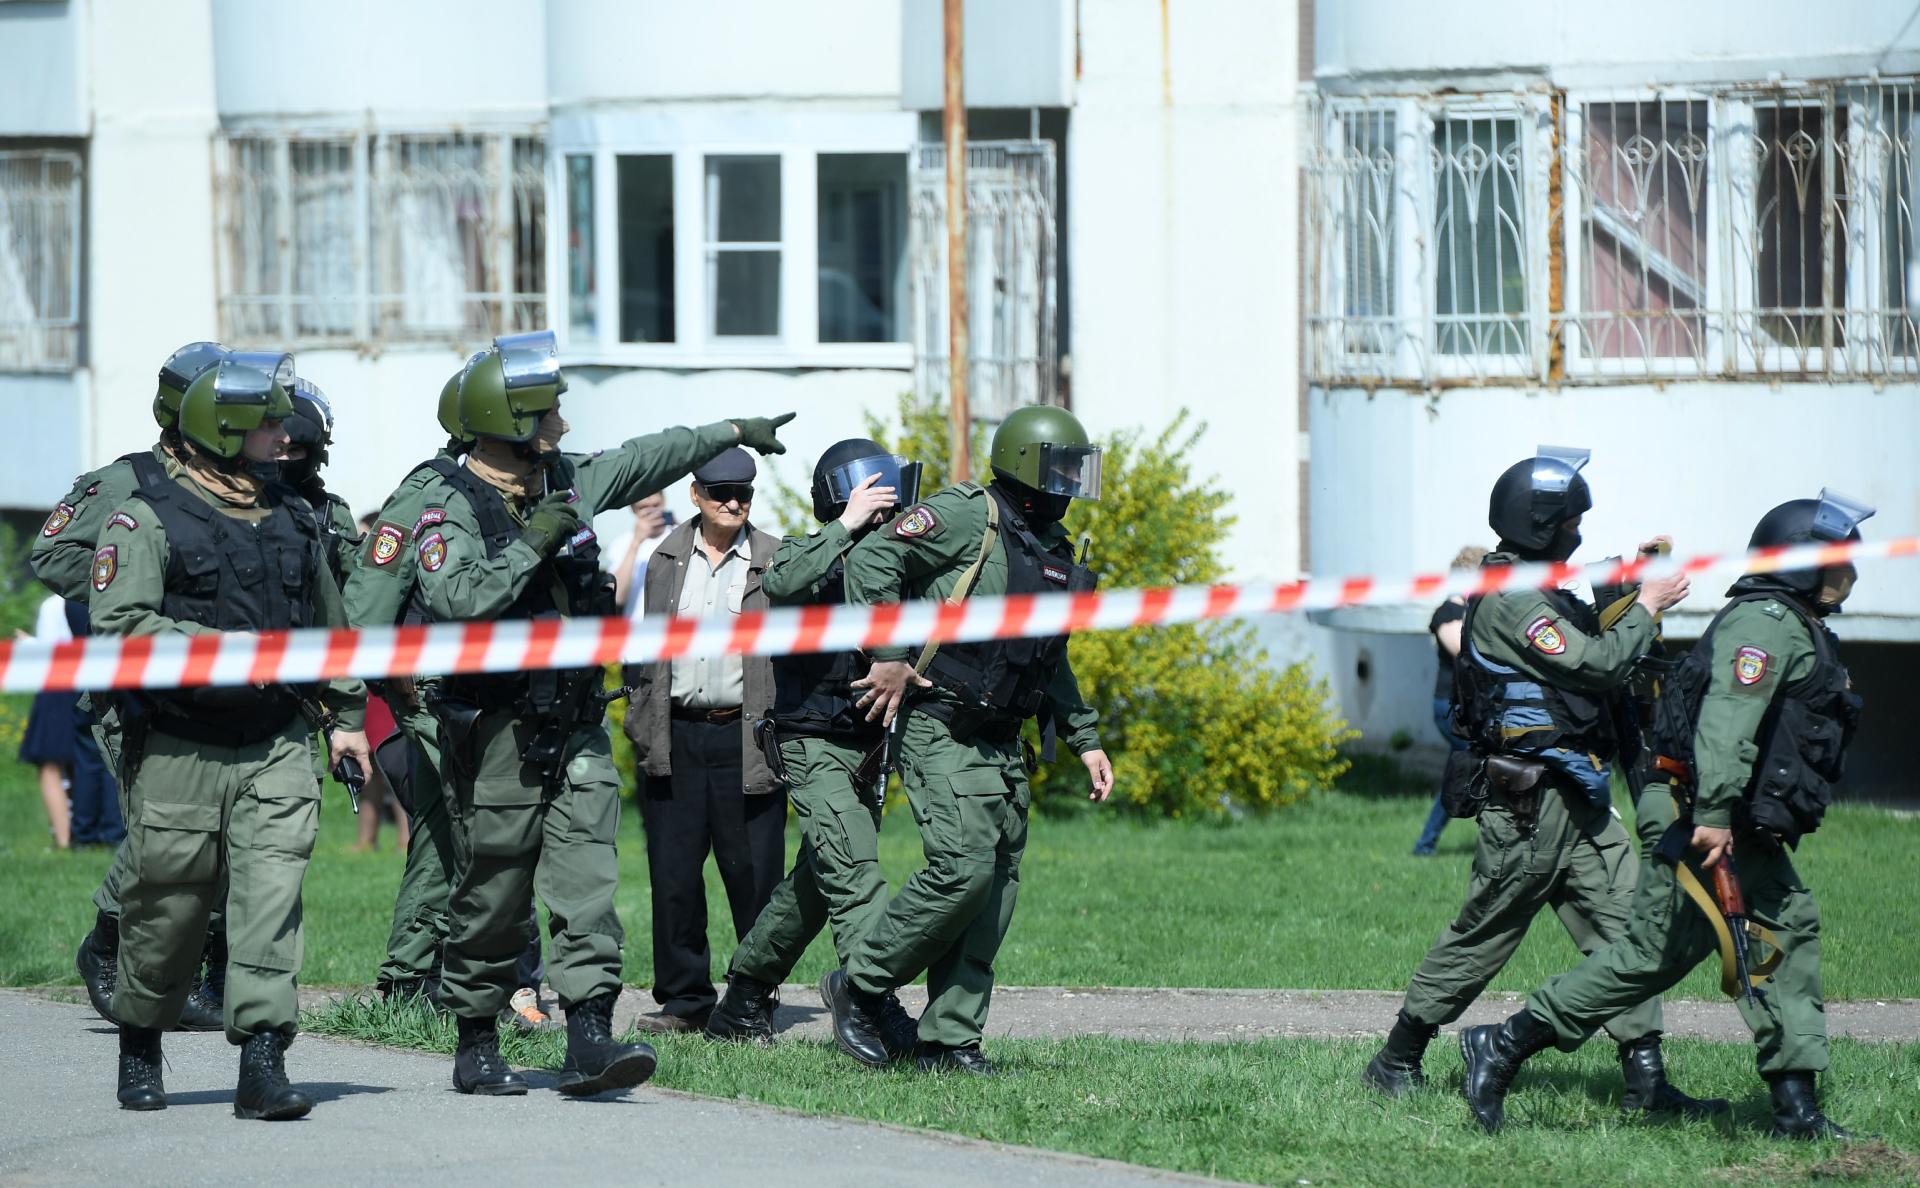 Фото:Максим Богодвид / РИА Новости